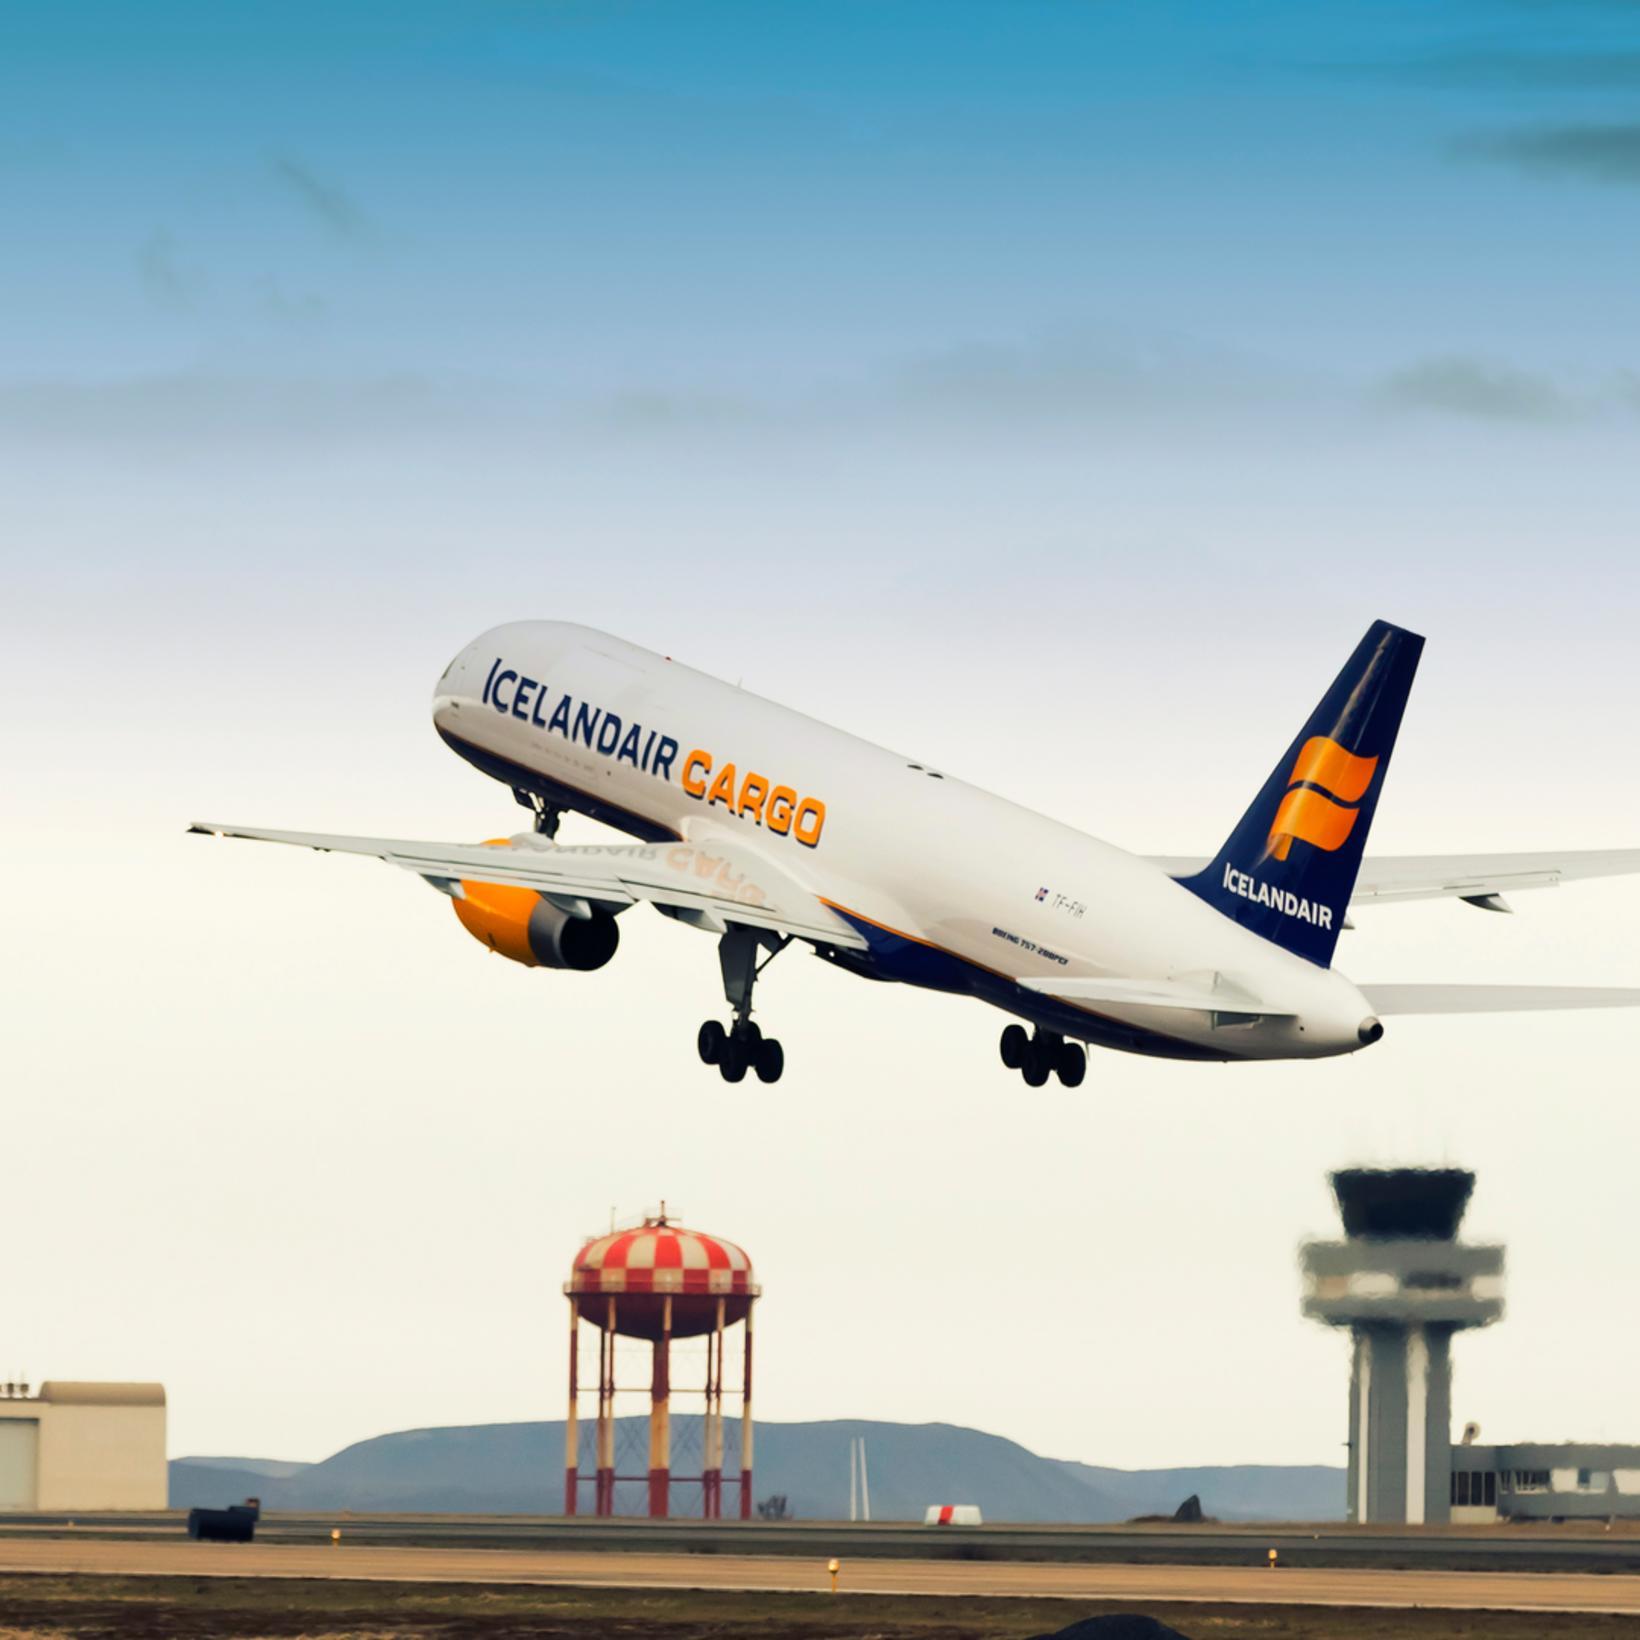 Vegna samningsins verður nokkur breyting á flugáætlun Icelandair Cargo til …